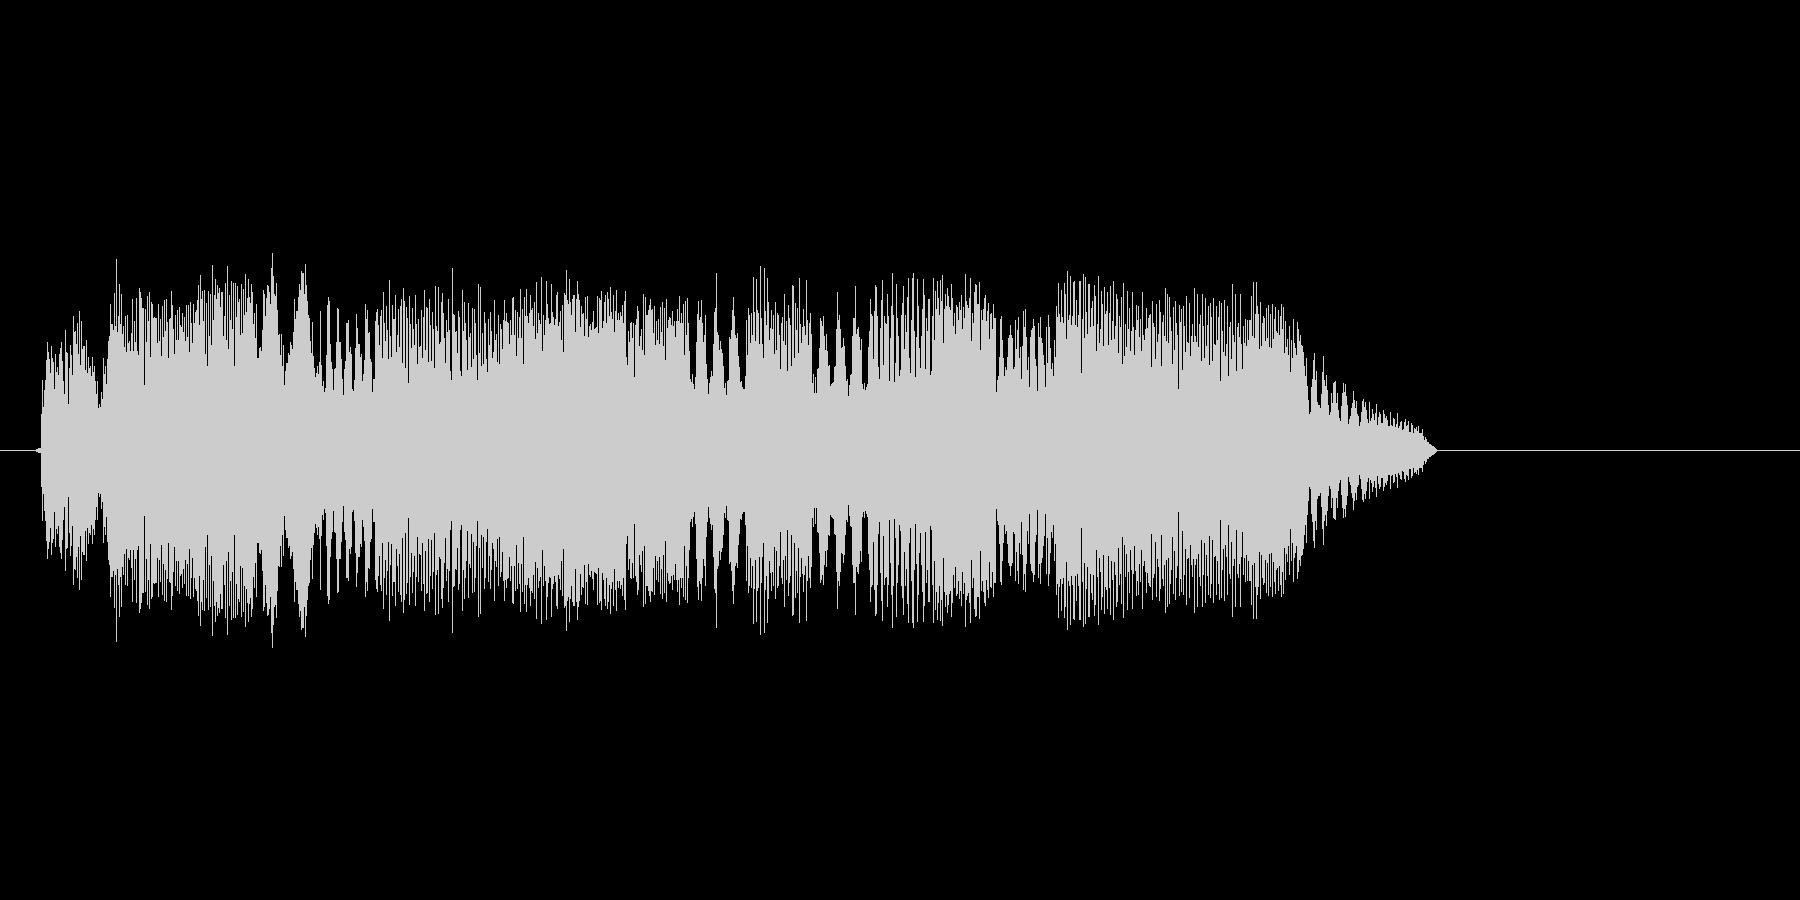 コンピューターのような効果音_その5の未再生の波形